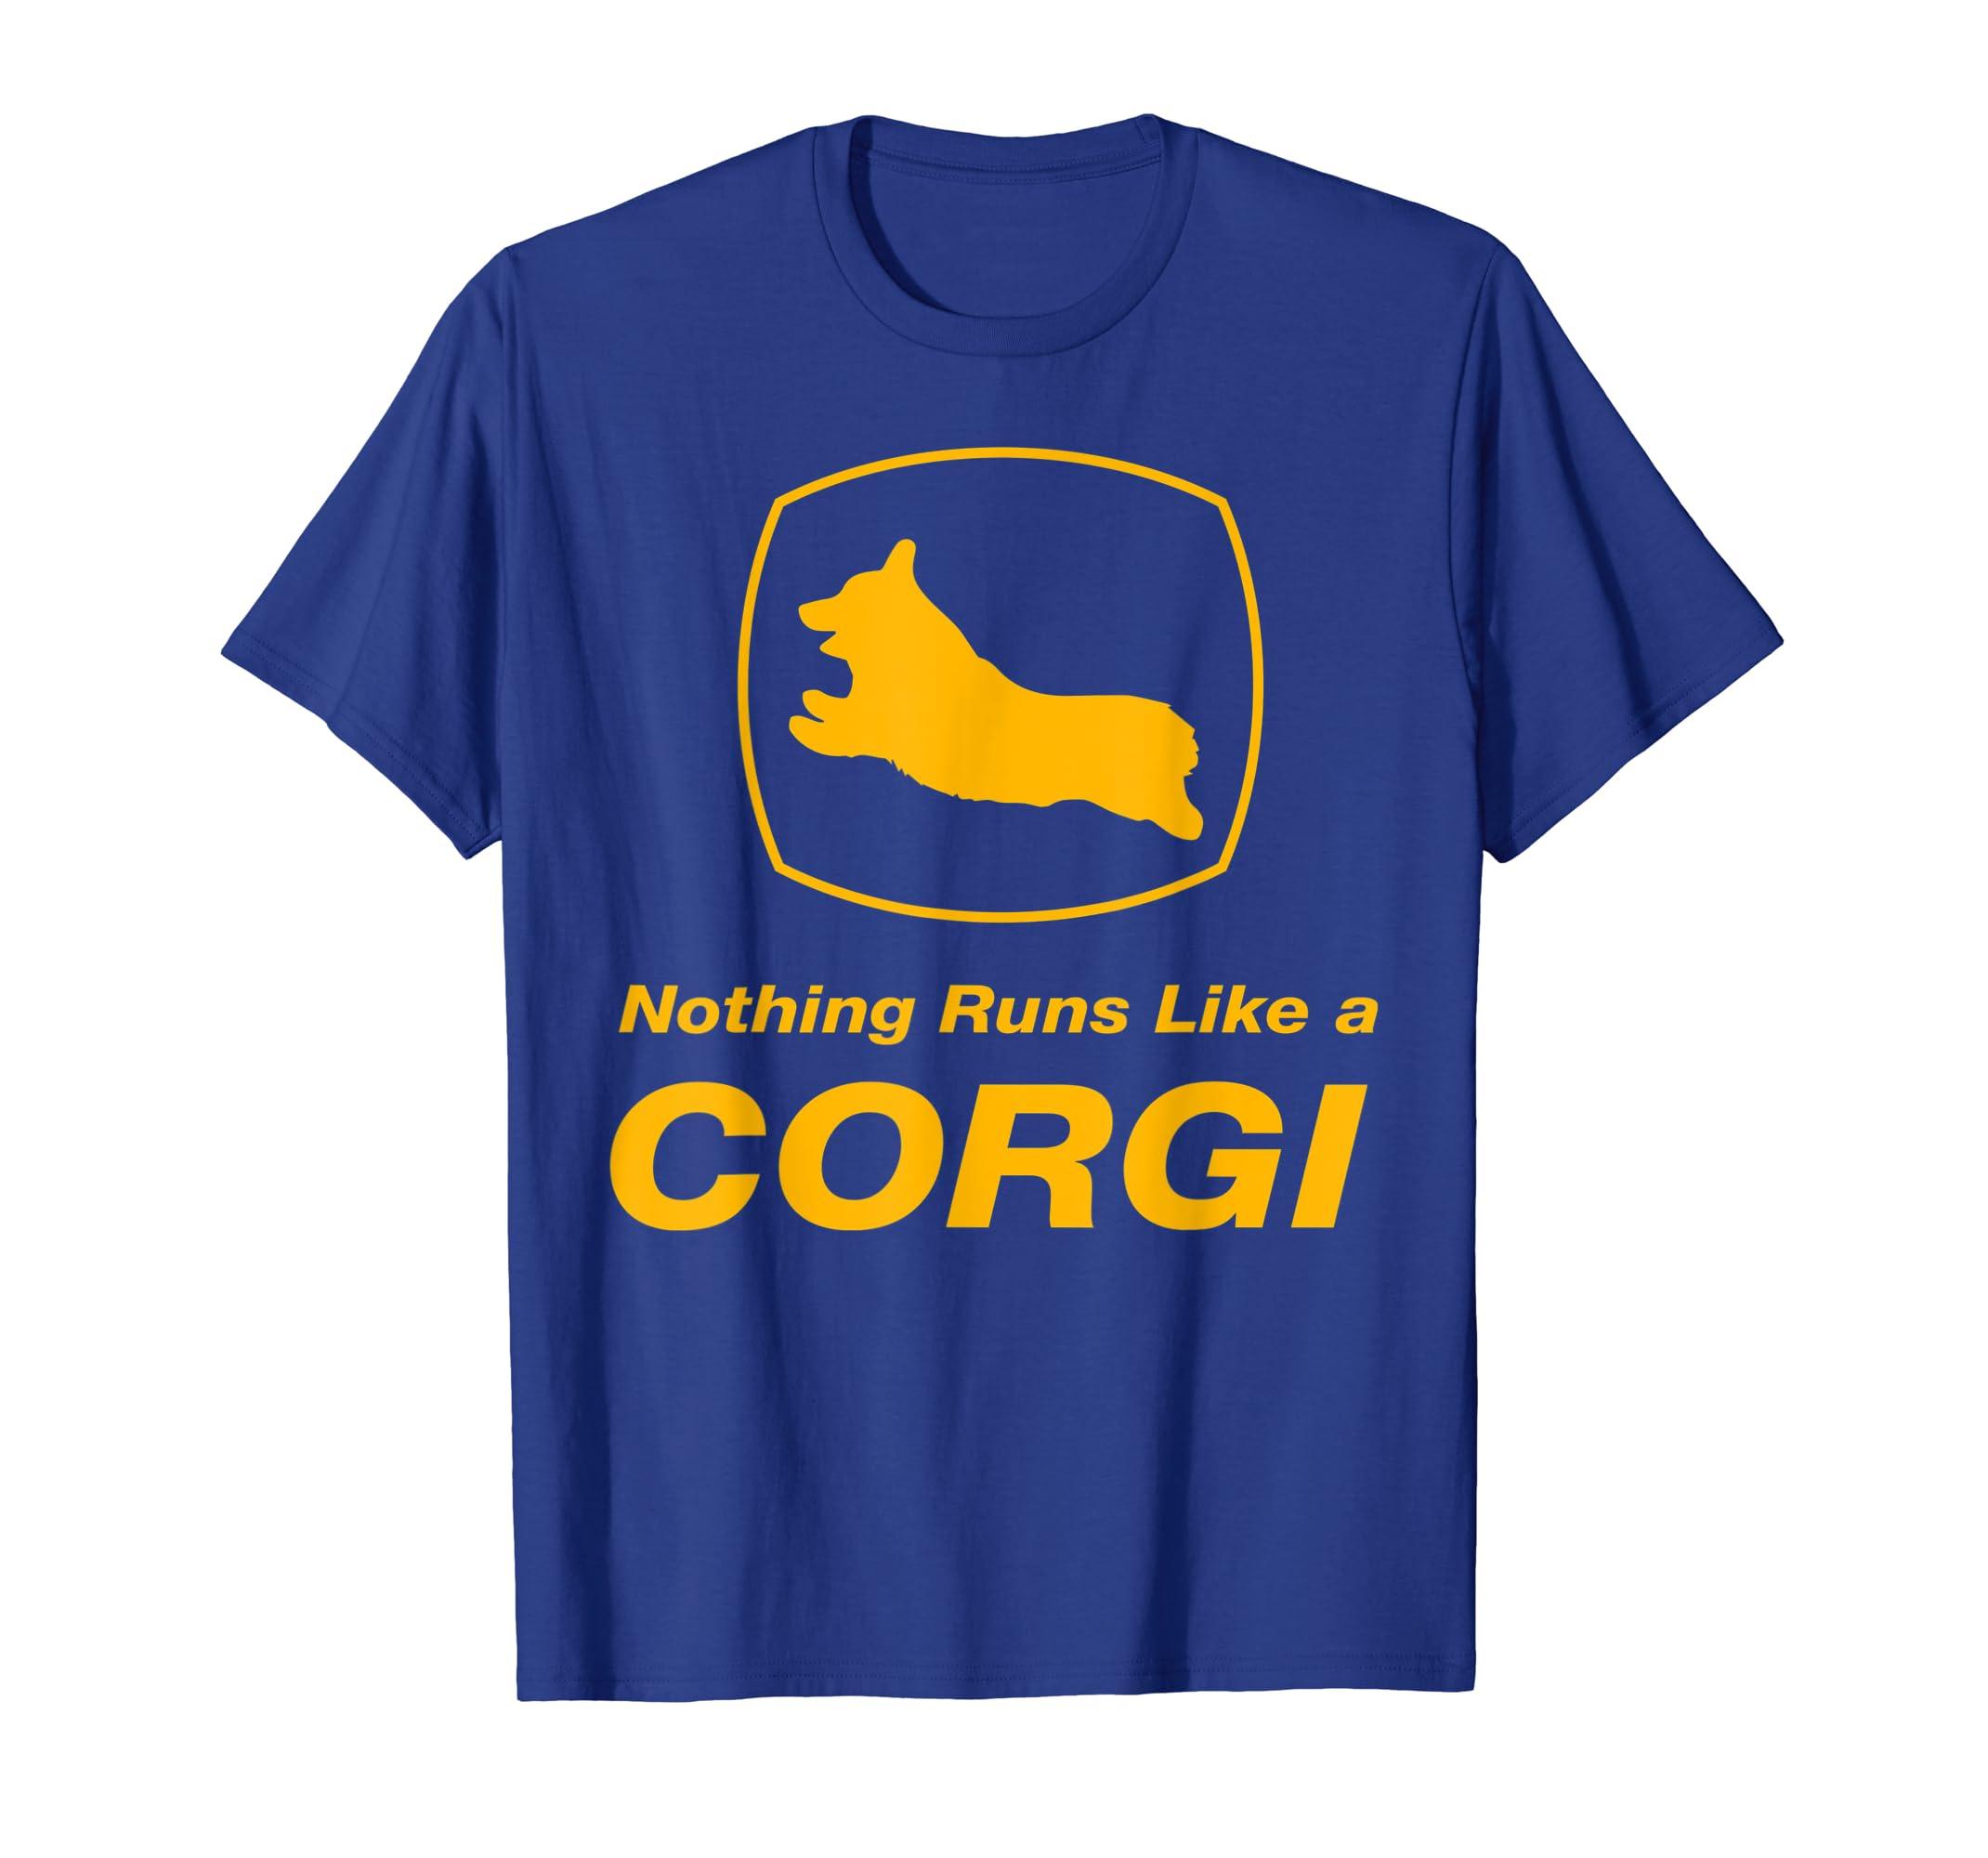 7ad4012d4 Amazon.com: Funny Corgi T-Shirt -